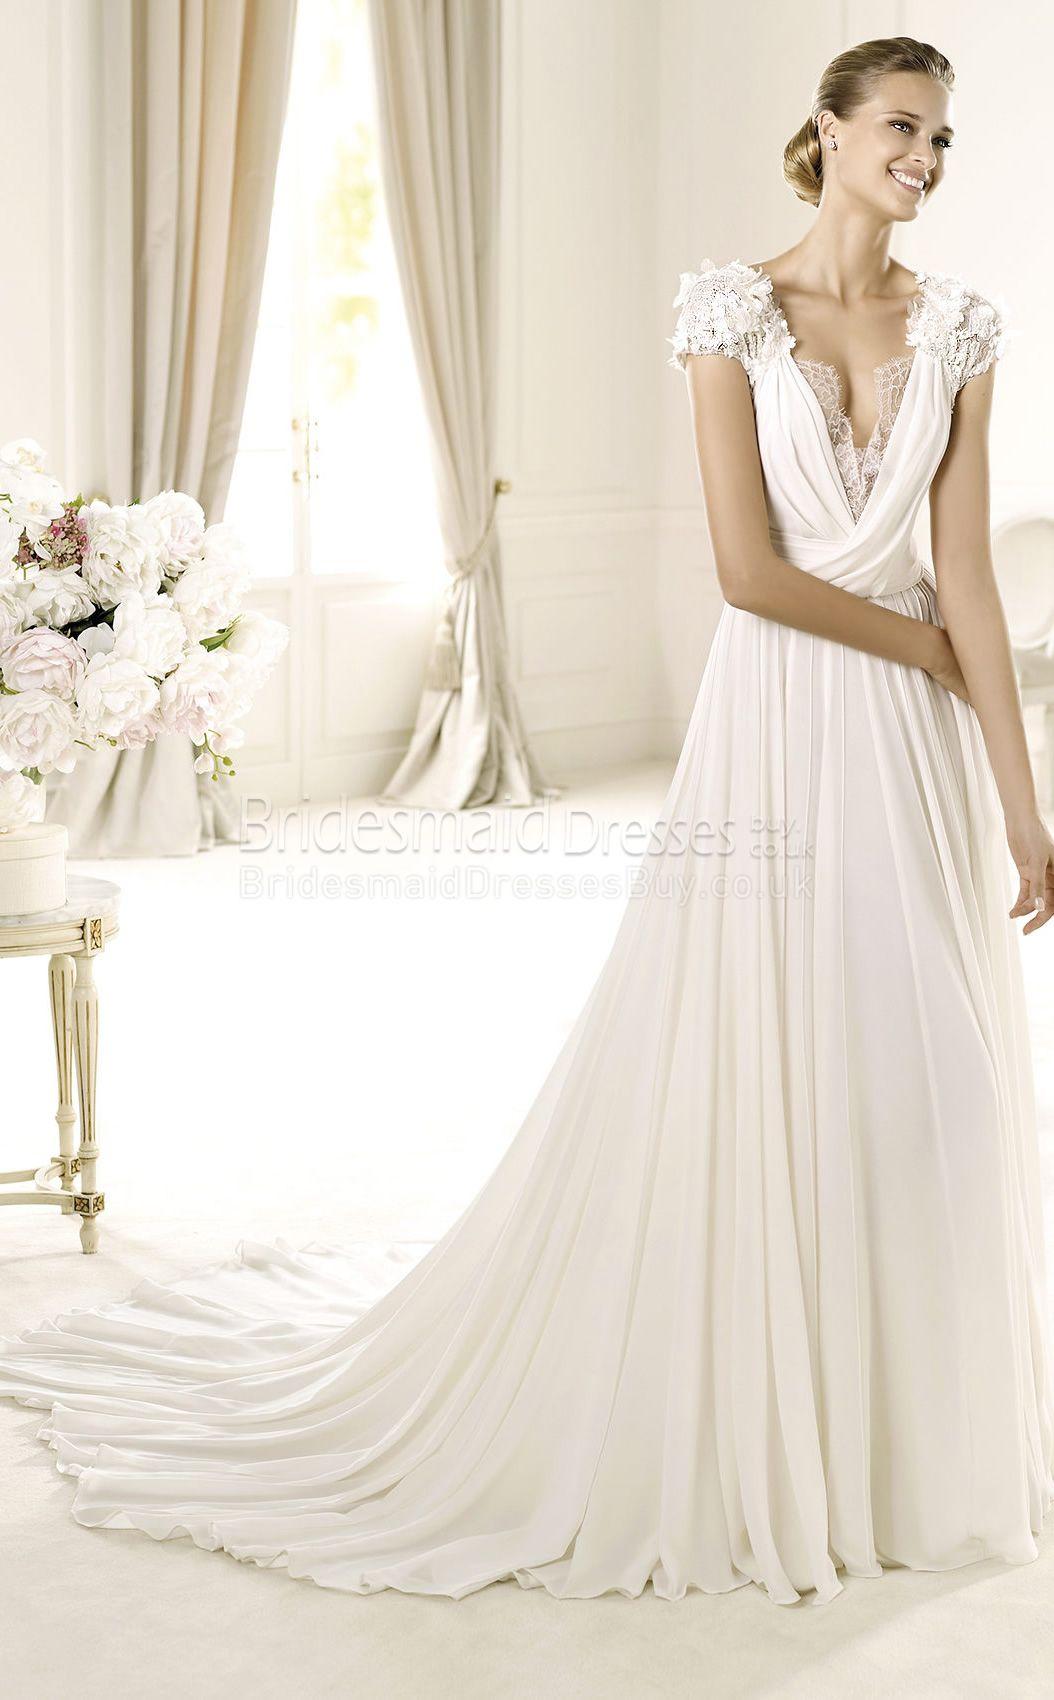 Glamorous aline velent chiffonlace vneck short sleeve floor